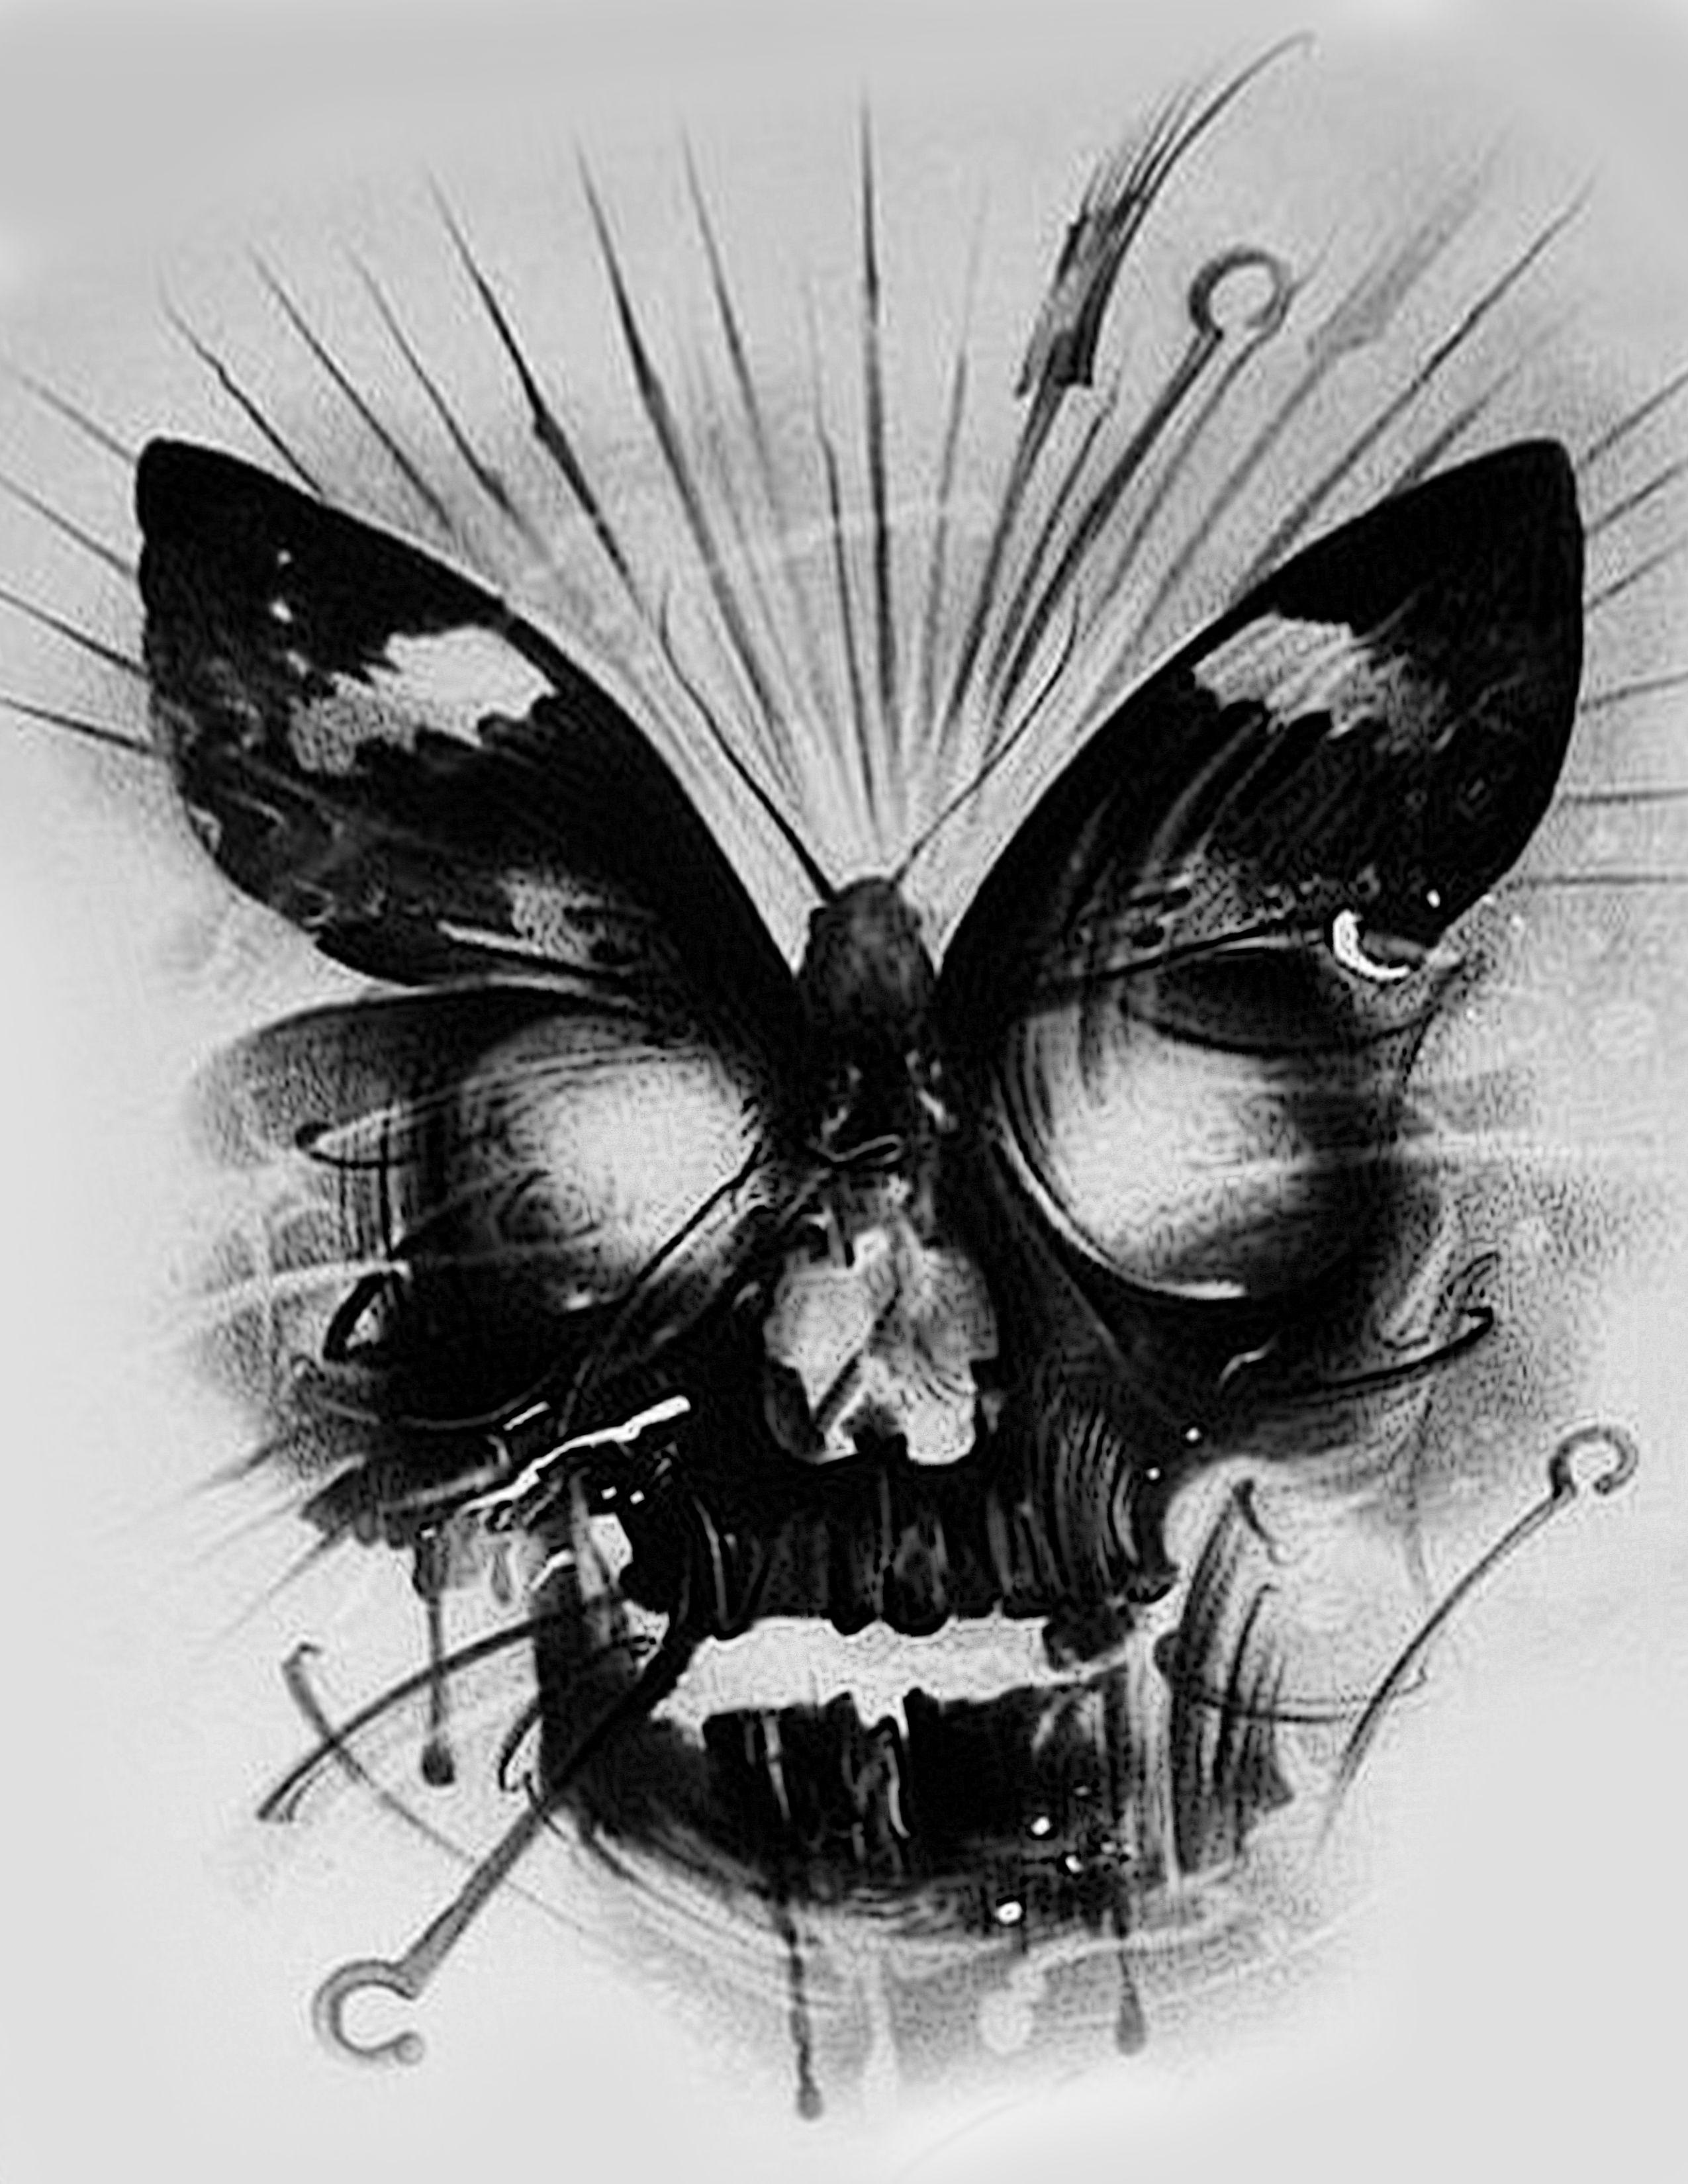 Skull butterfly design